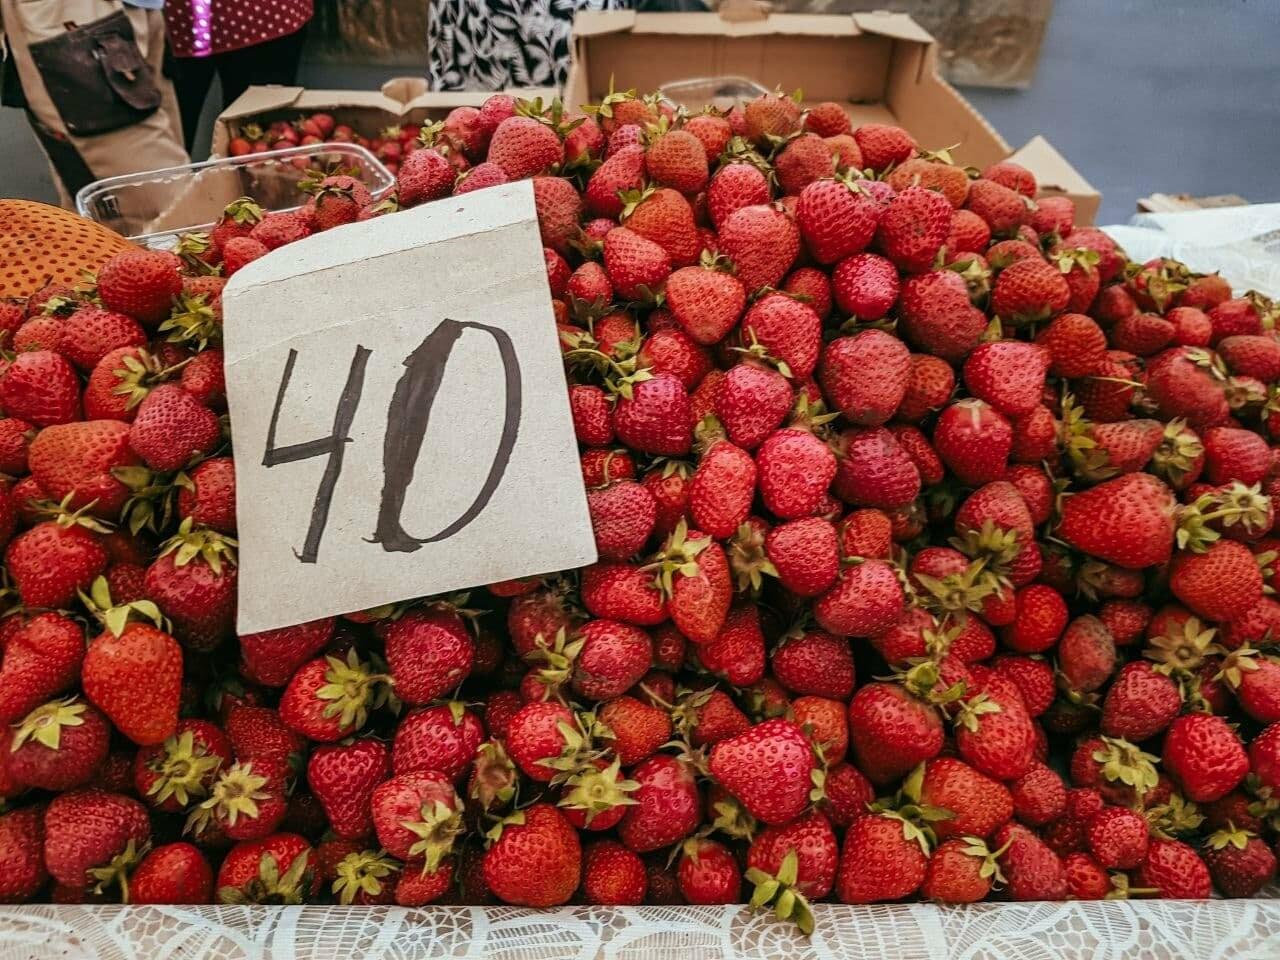 Рыночный день: по чём в Бердянске сезонные овощи, фрукты и ягоды (ЦЕНЫ), фото-3